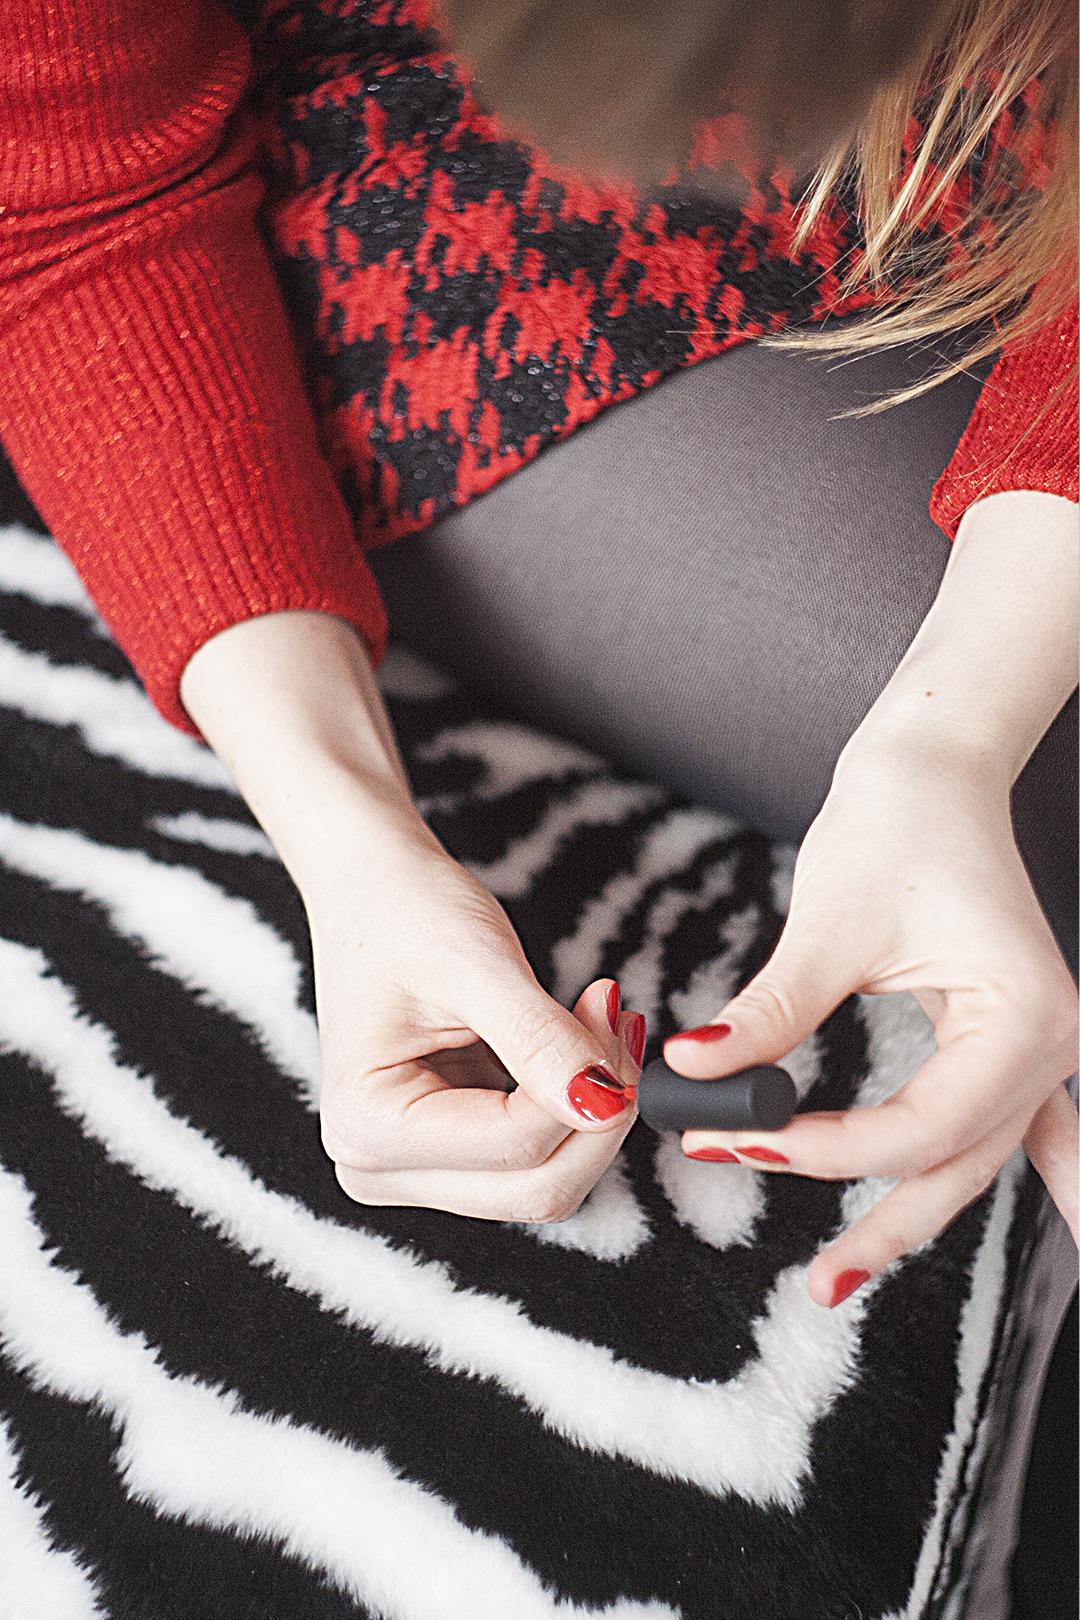 Nail your Valentine's day. Pretty ugly edition www.prettyugly.eu